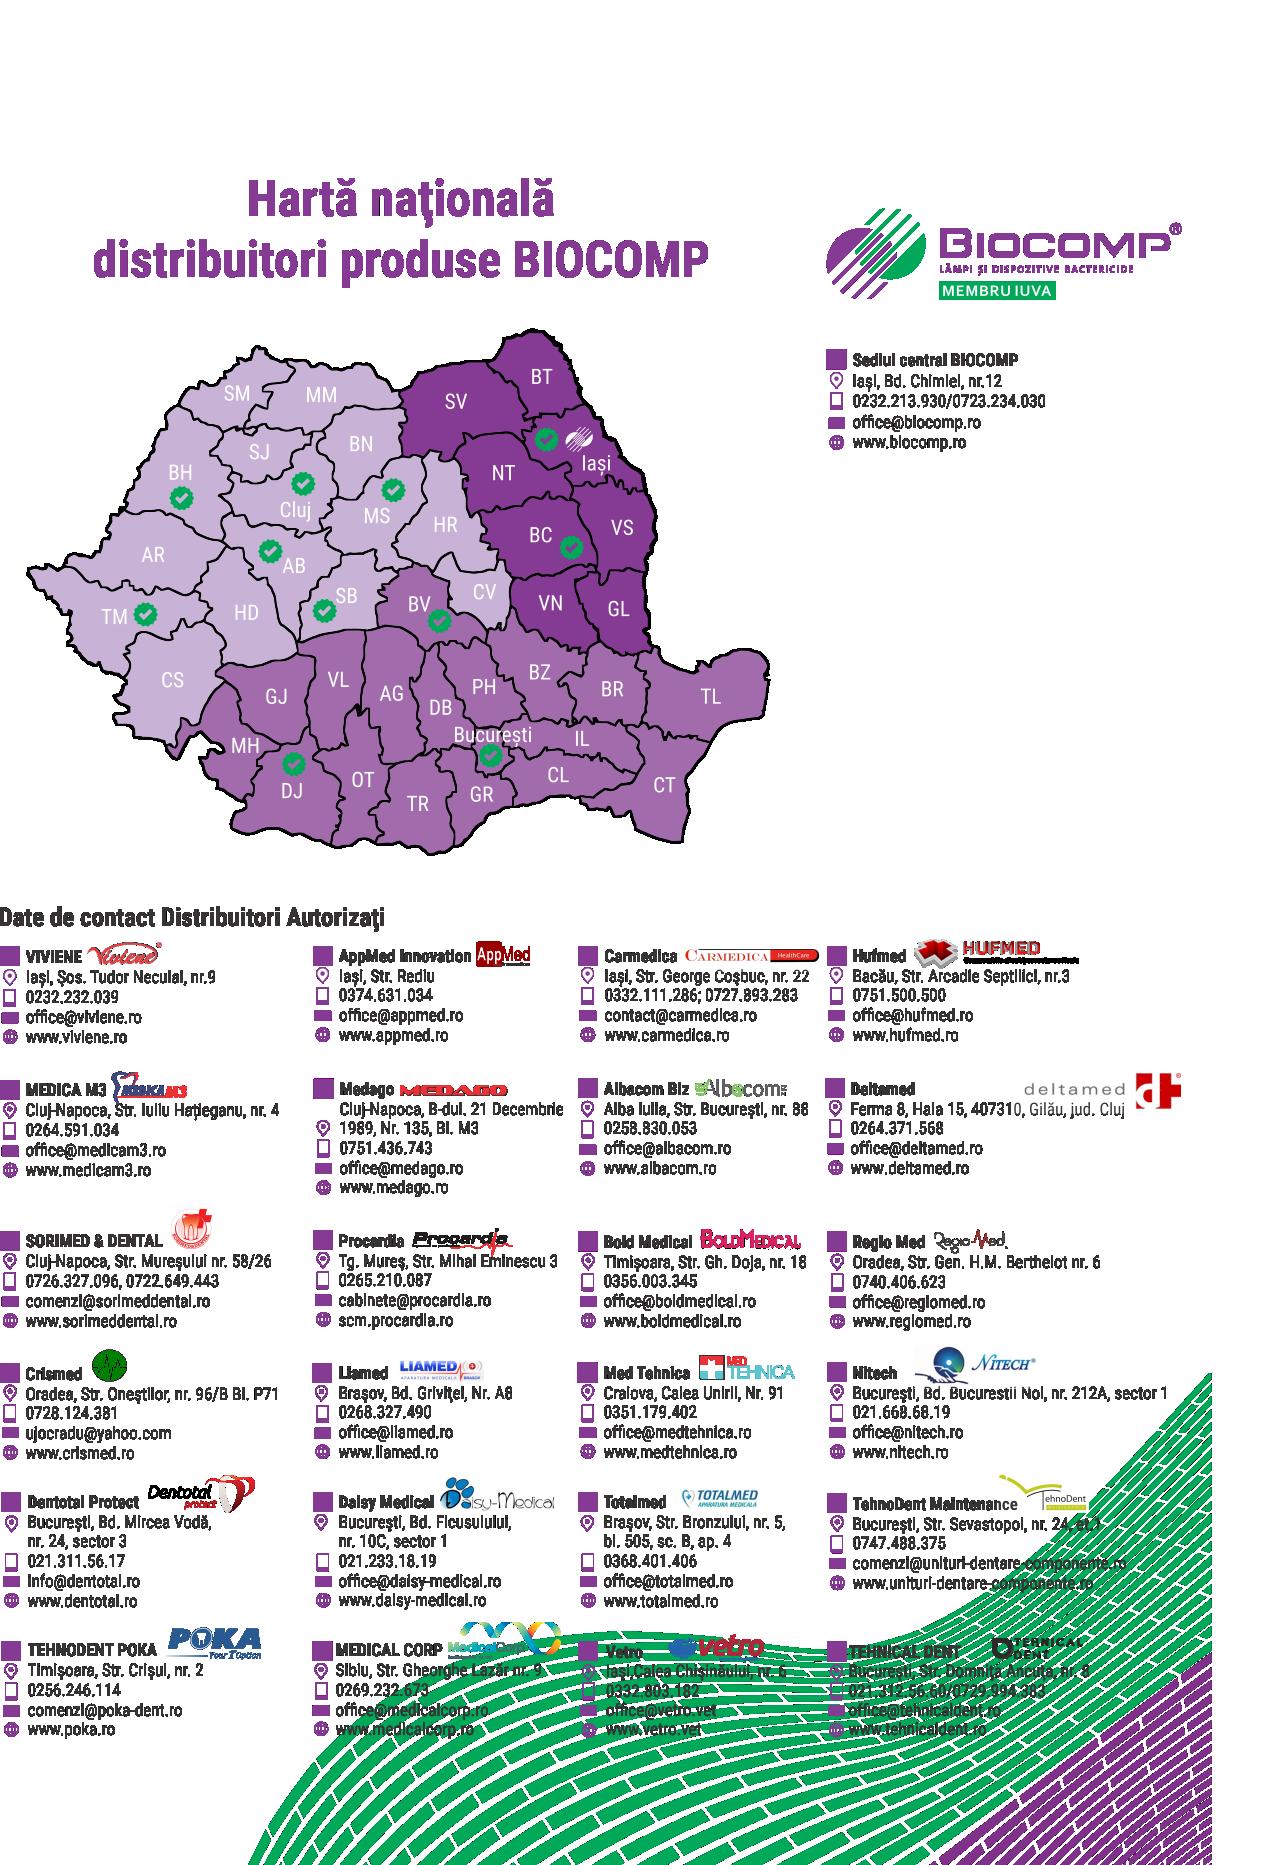 Harta Nationala BIOCOMP 2019